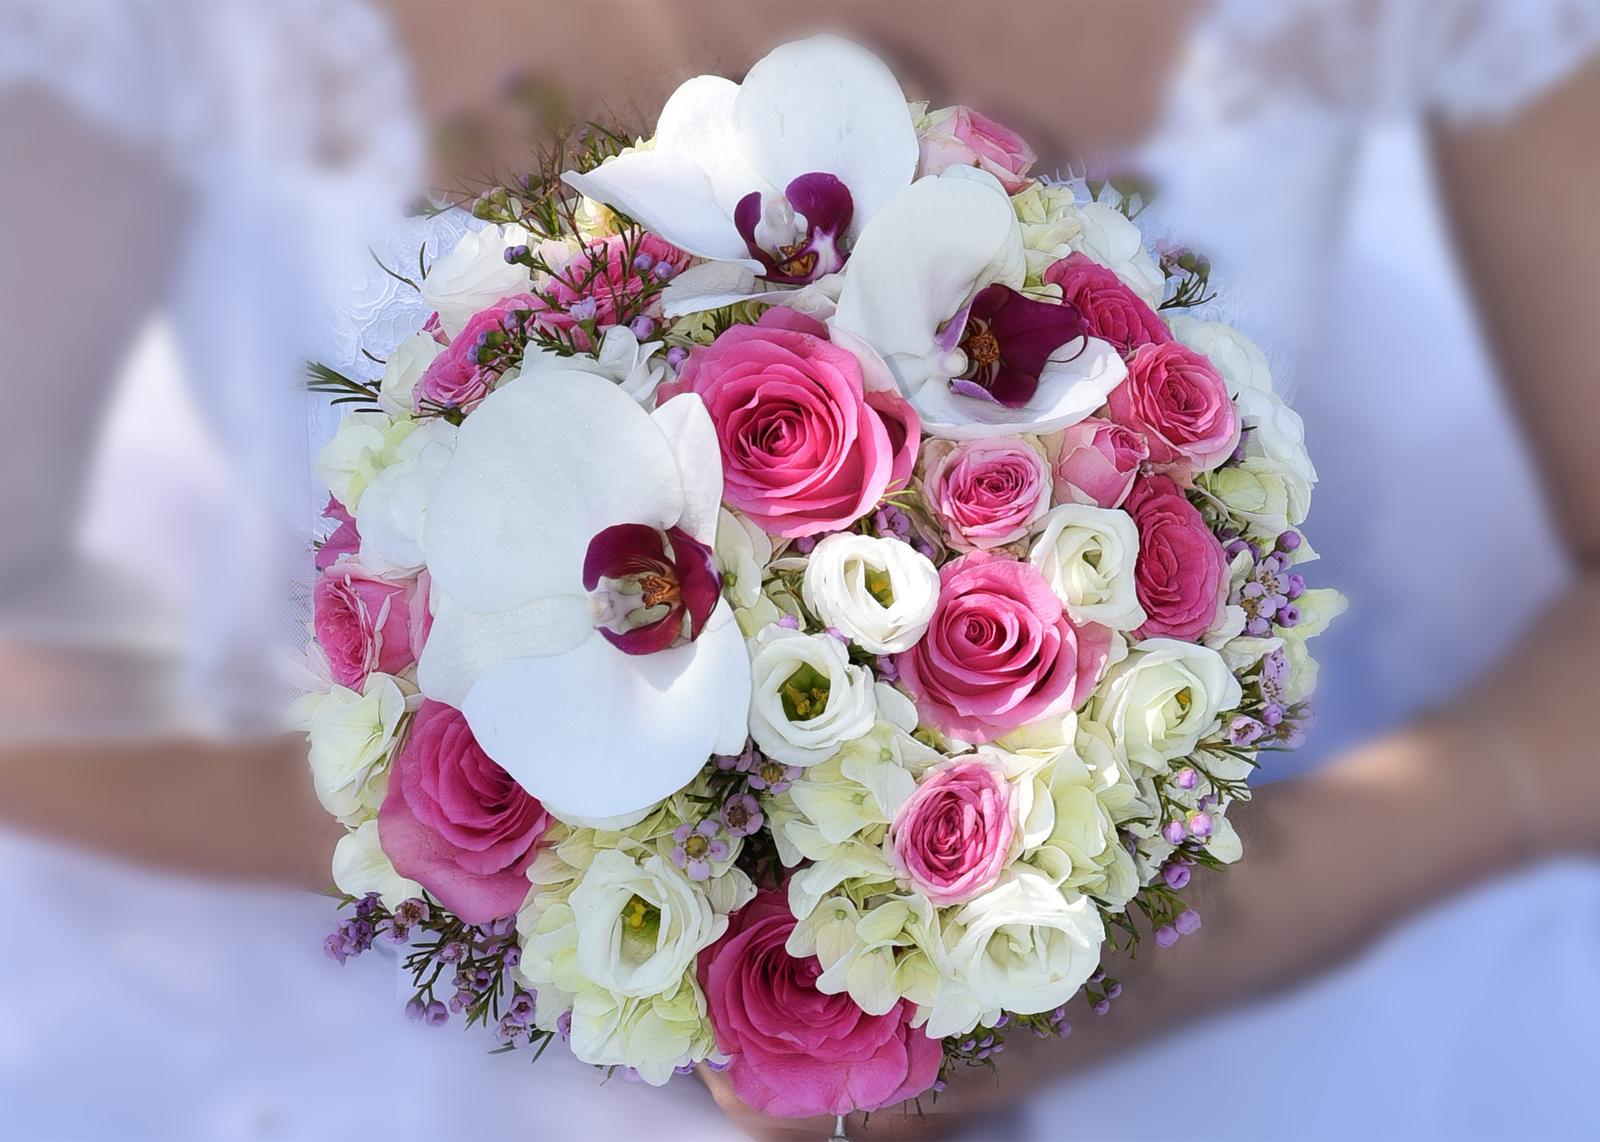 3. apr 2017 o 15 54 • Svadba bola v apríli 2016 • Odpovedz • Páči sa mi to • ff035e930d5